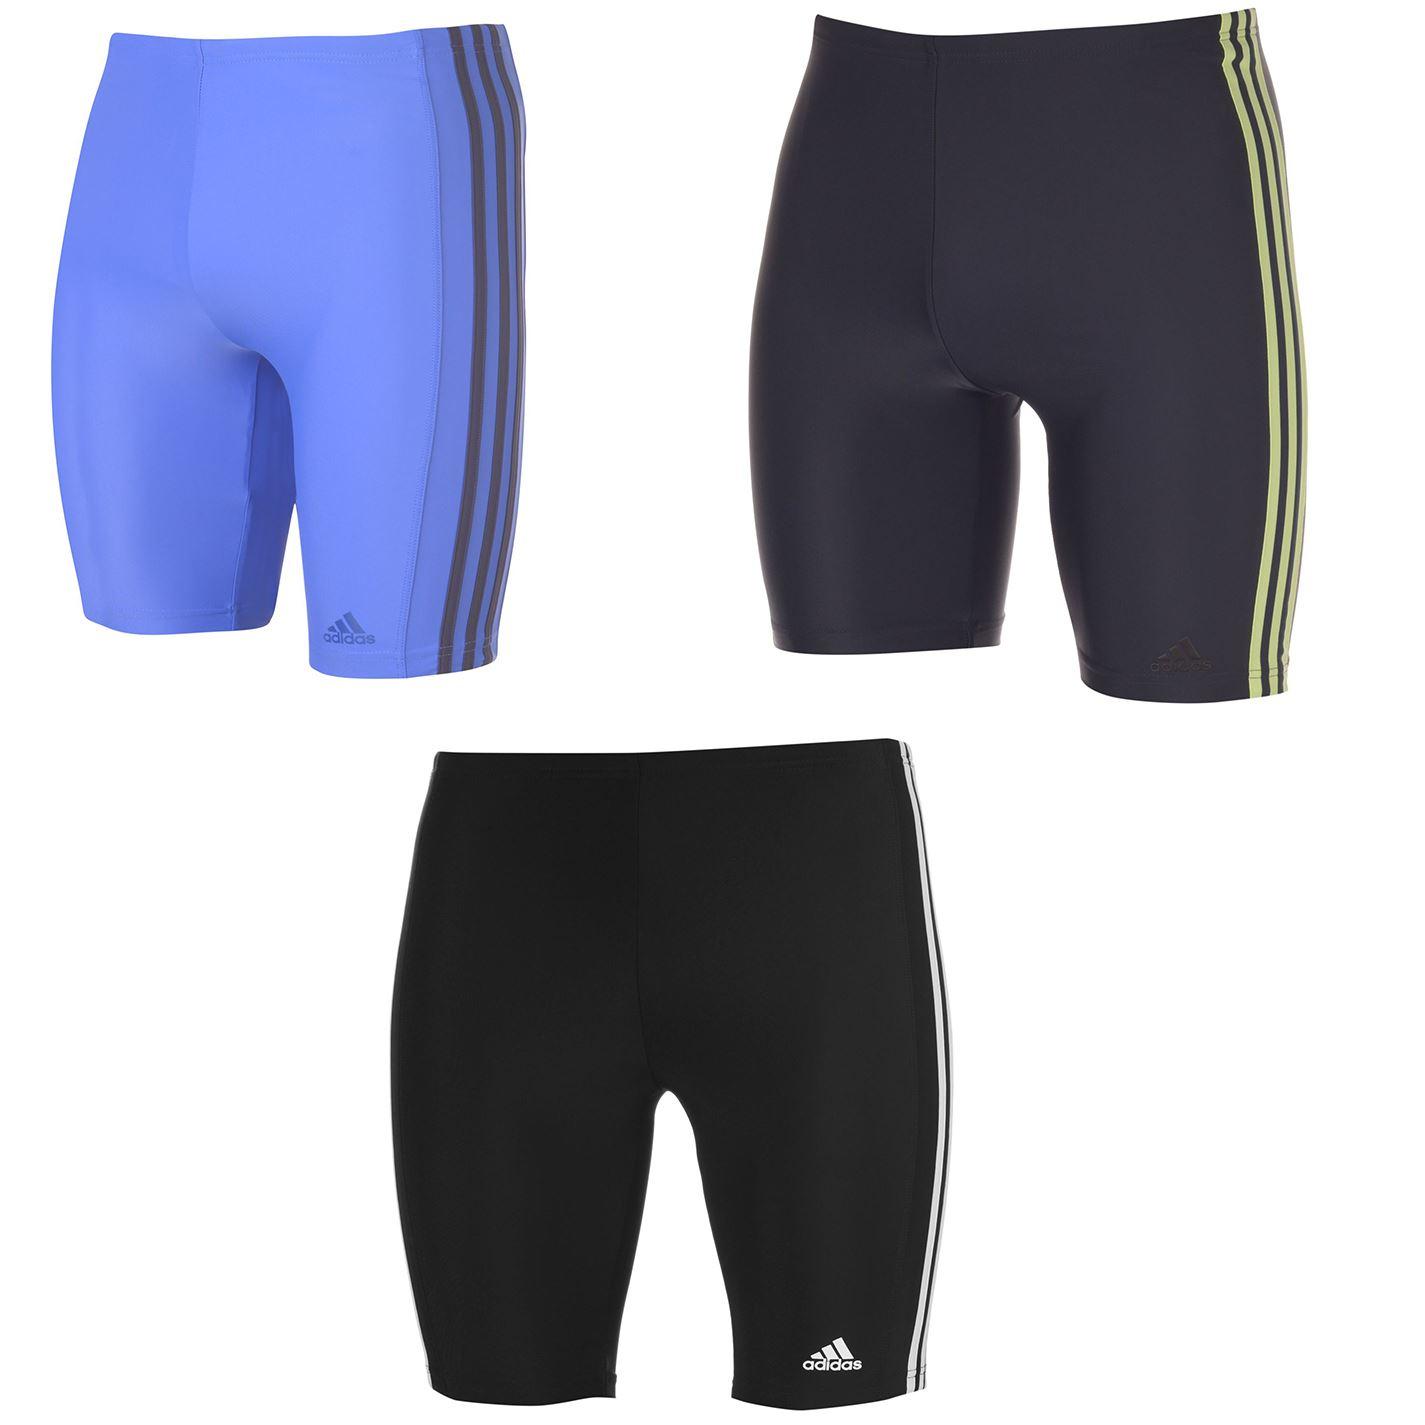 Details zu Adidas 3 Streifen Jammer Herren Hose Bademode Sportkleidung Eu 30 SchwarzWeiß